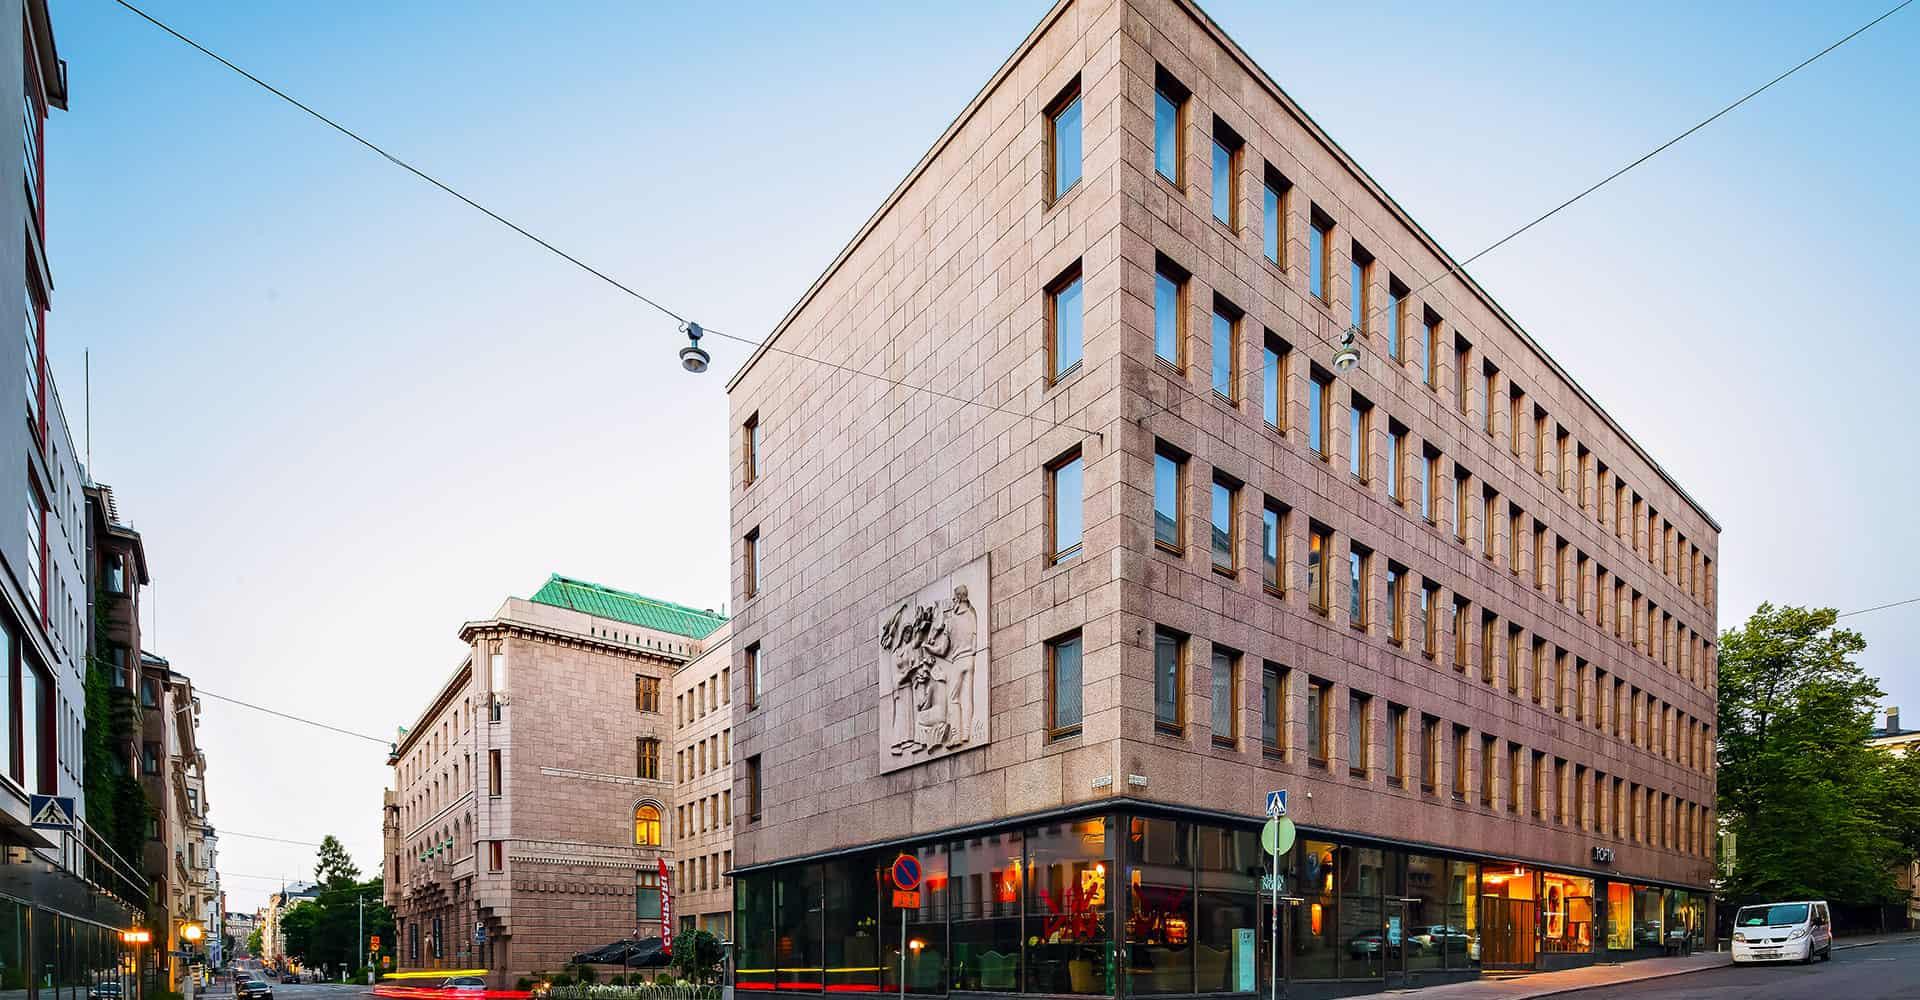 Suomitalo julkisivukuva Kalevankatu 6 Vuokrattavat toimitilat Helsinki